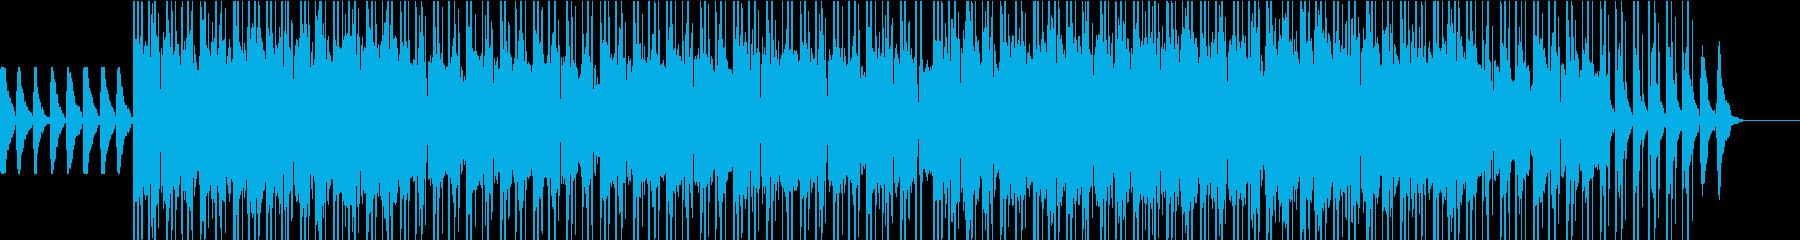 オシャレな雰囲気のBGMの再生済みの波形